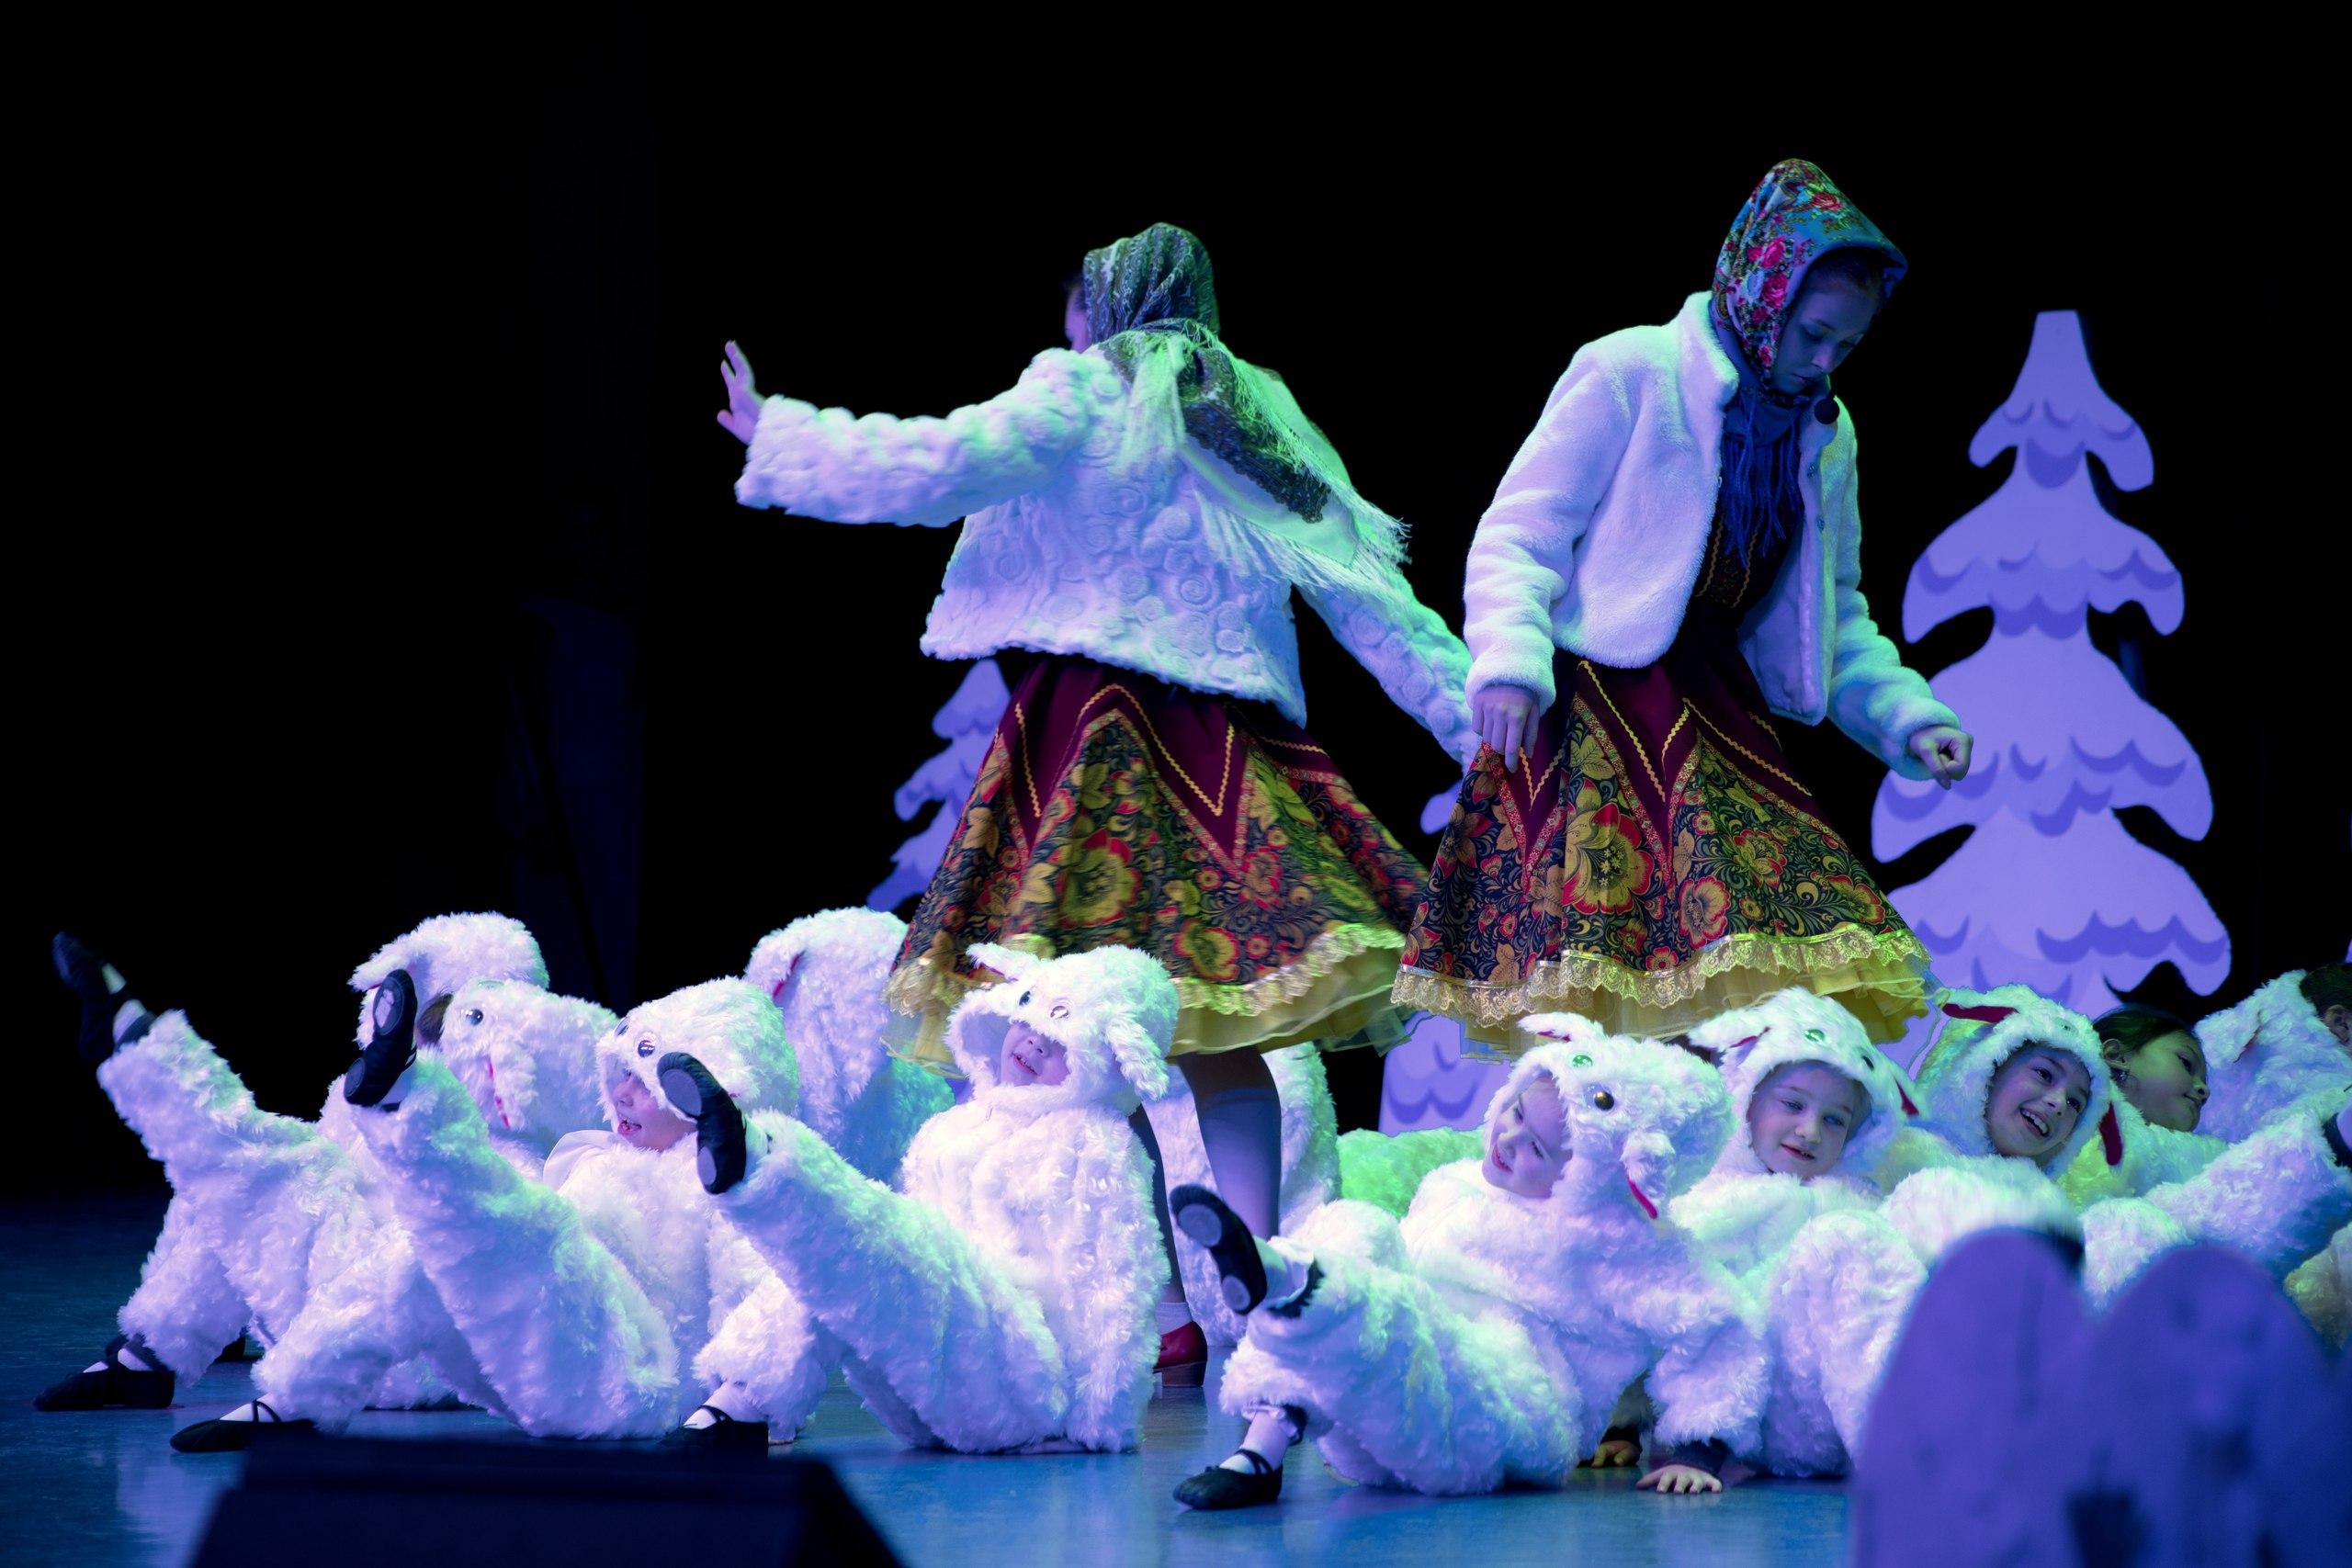 Рождественская программа православной гимназии собрала юные таланты на одной сцене